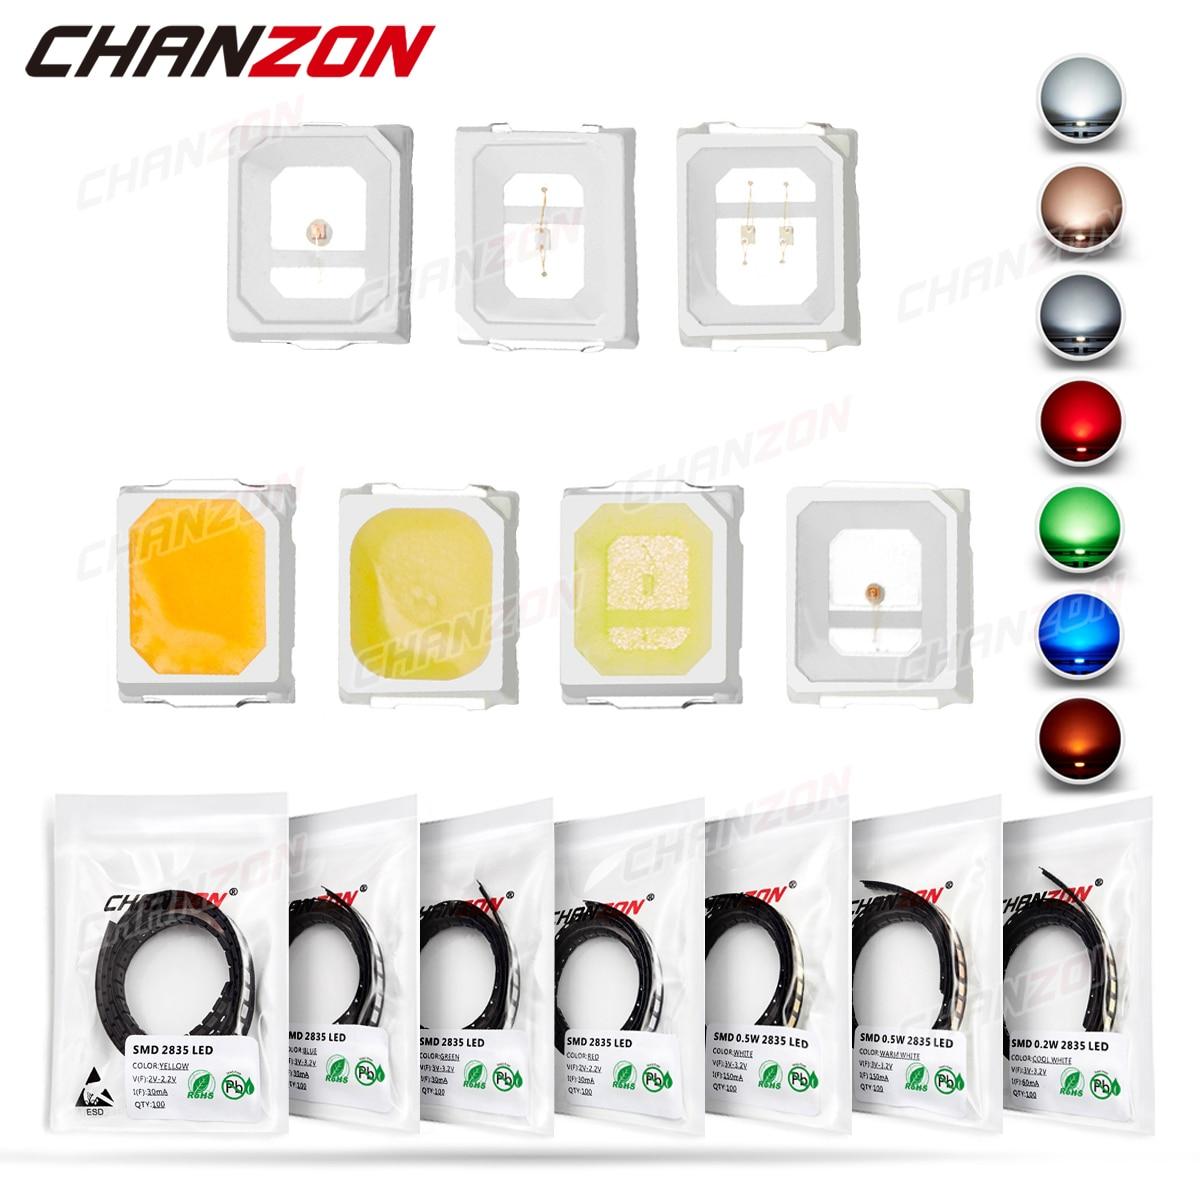 100 шт. 2835 SMD светодиодные излучающие диоды, чип лампы светильник вые бусины, Теплый Холодный белый красный зеленый синий желтый цвет Micro DIY PCB ...